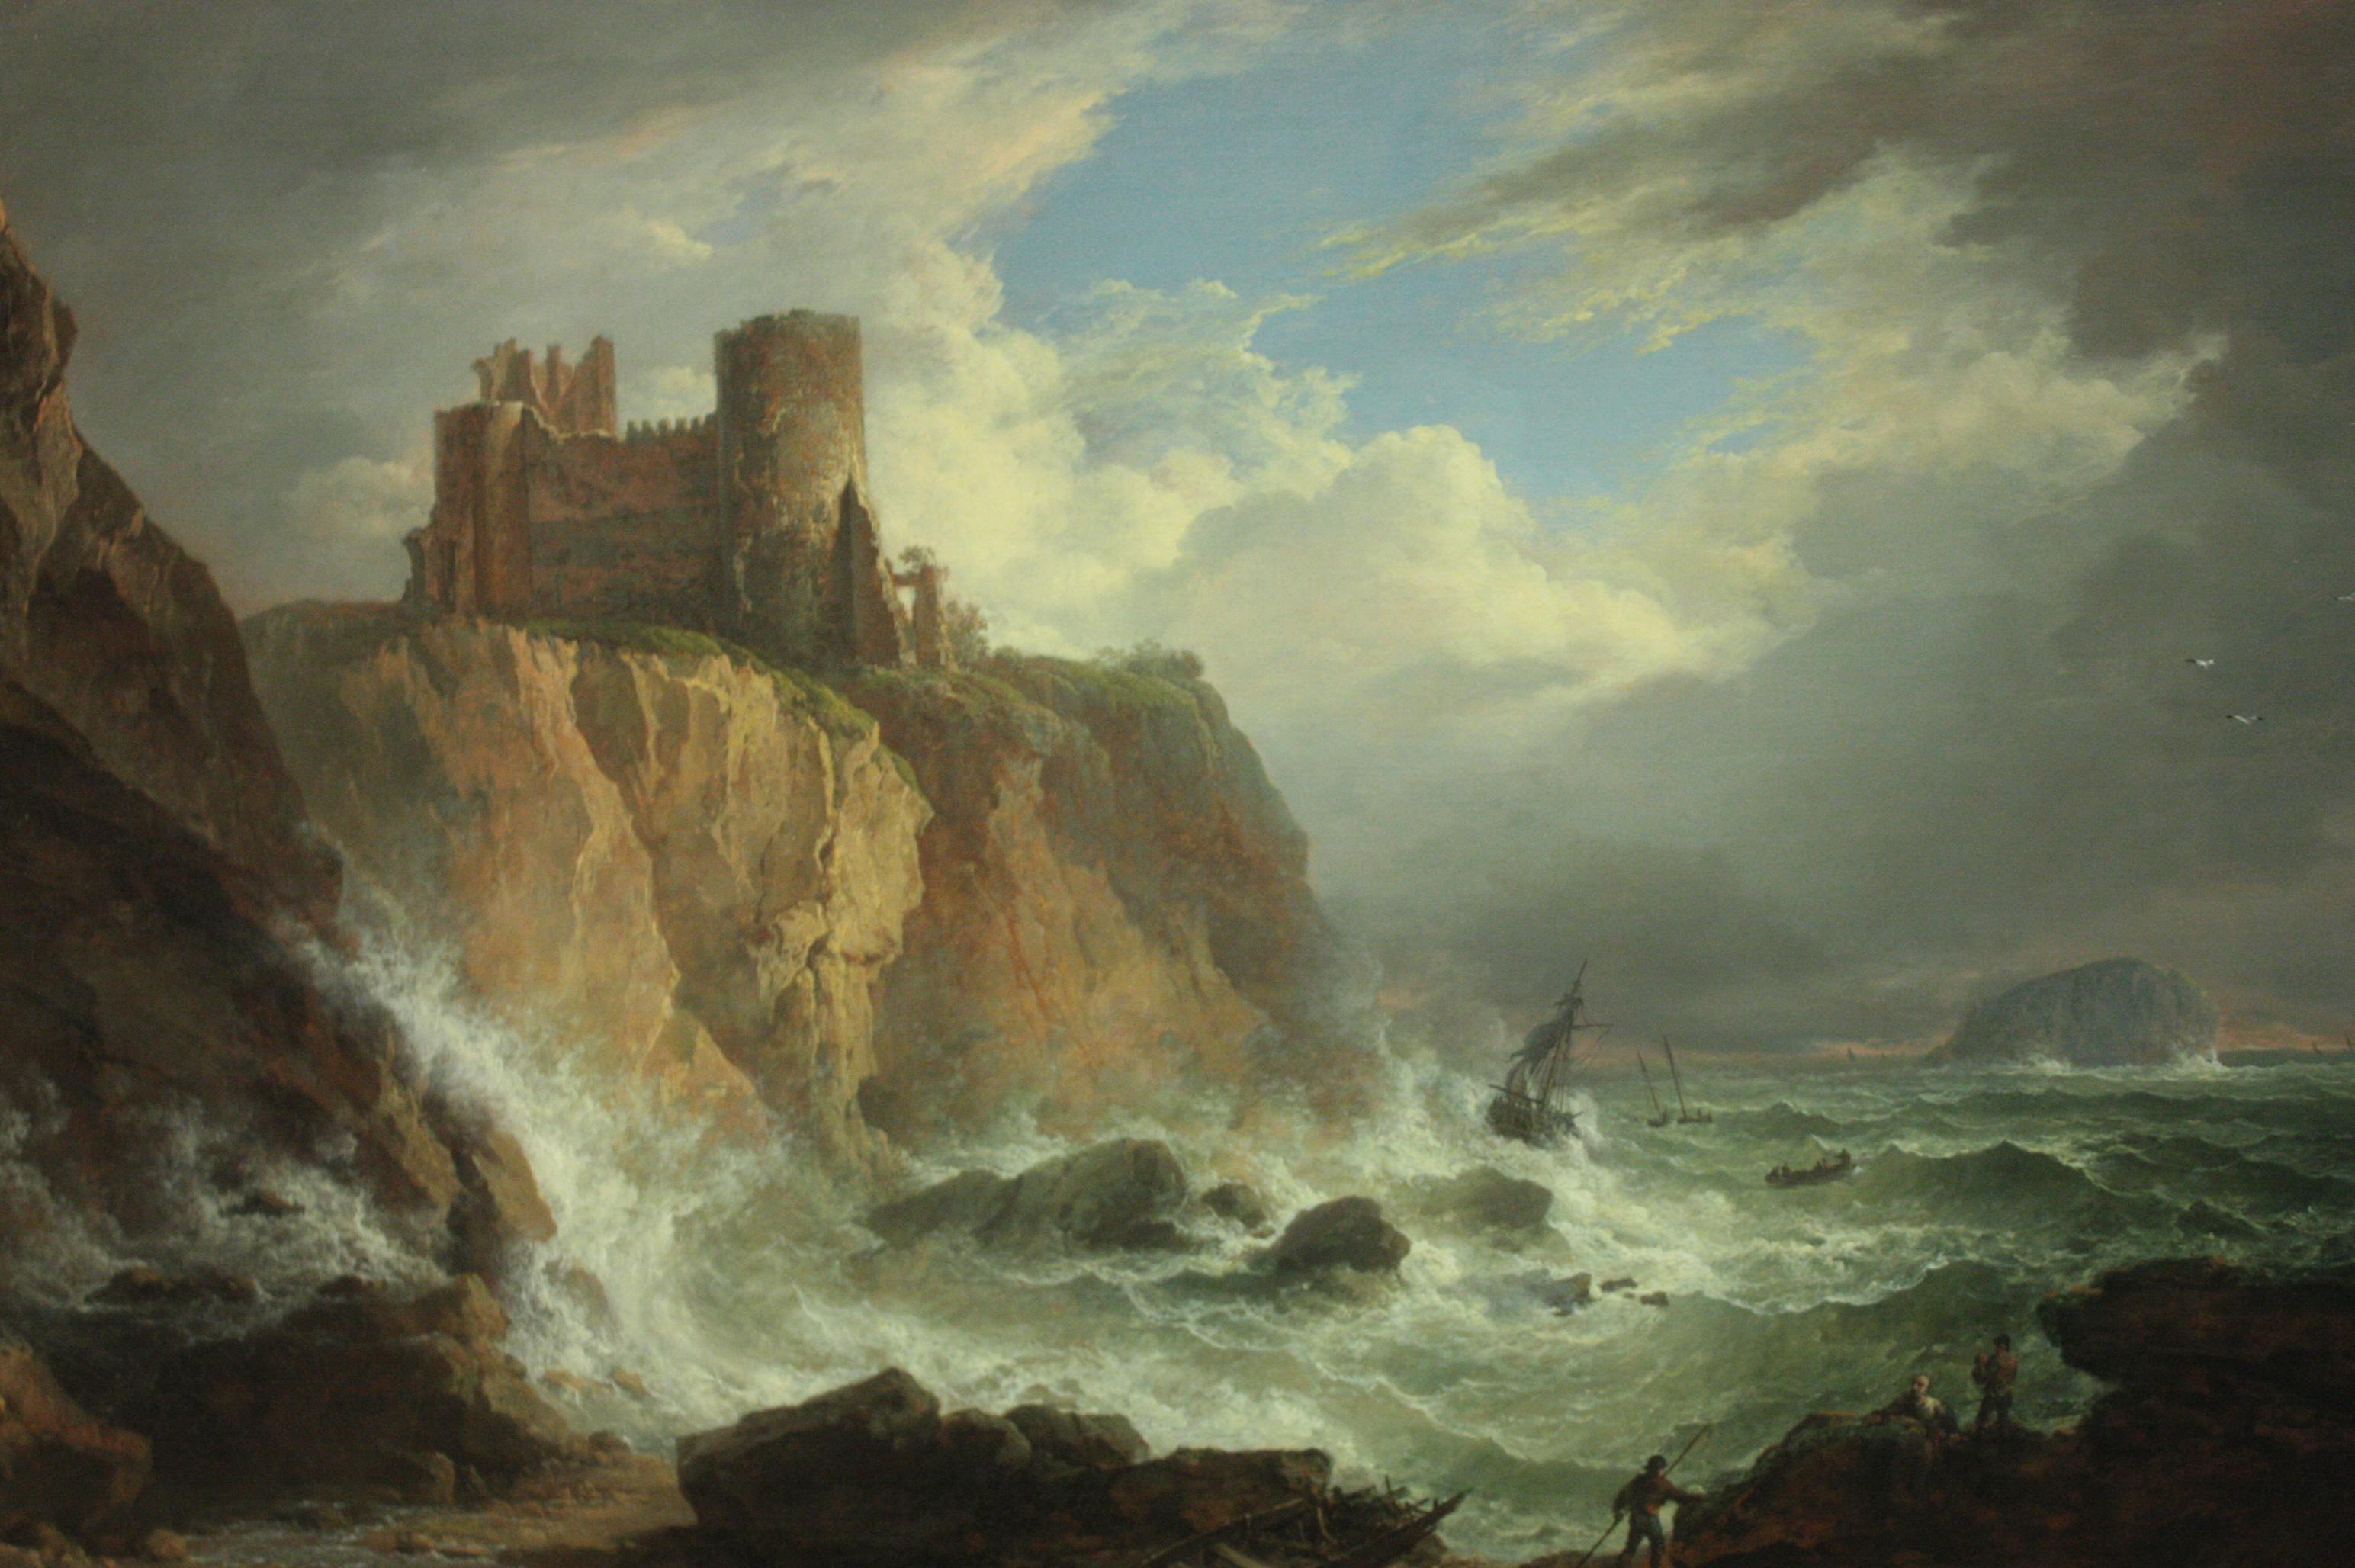 Александр Несмит. Вид на замок Танталон и скалу Бас. 1816.Масло, холст. 92х122,3 см. Шотландская национальная галерея, Эдинбург.